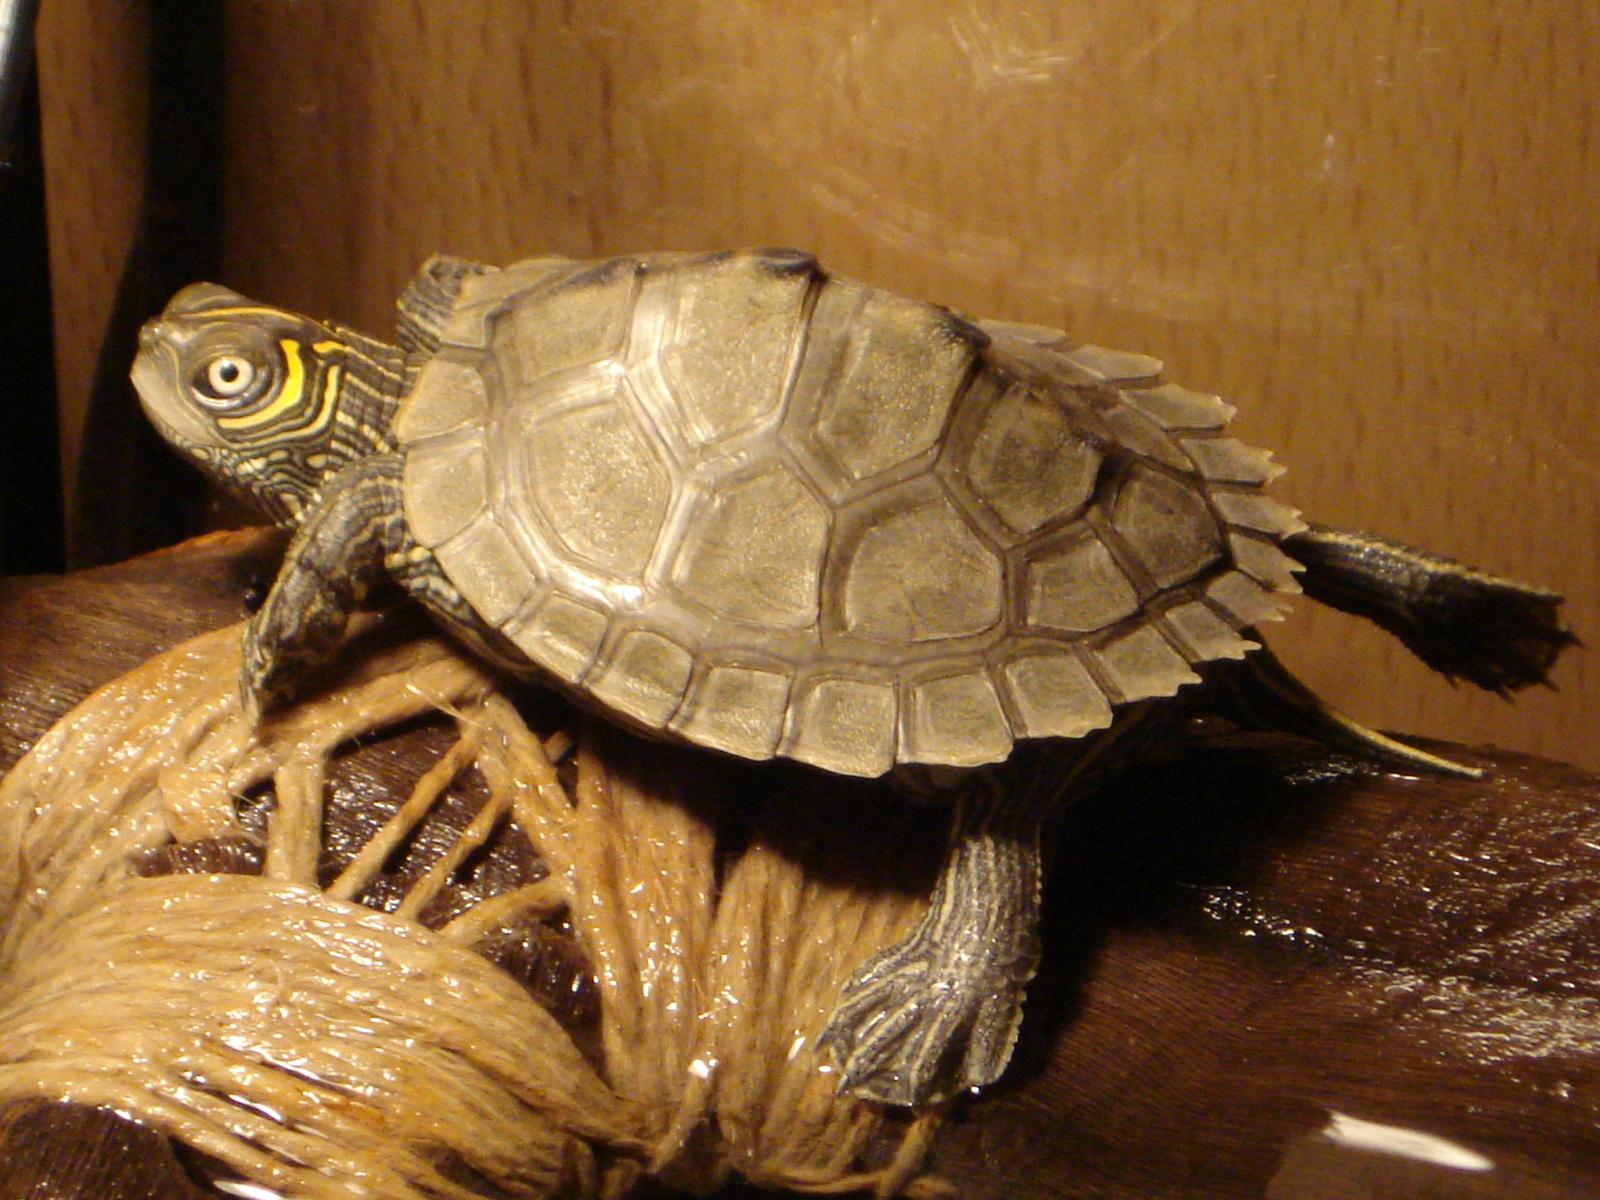 lat. Graptemys pseudogeographica kohni, eng. Mississippi map turtle